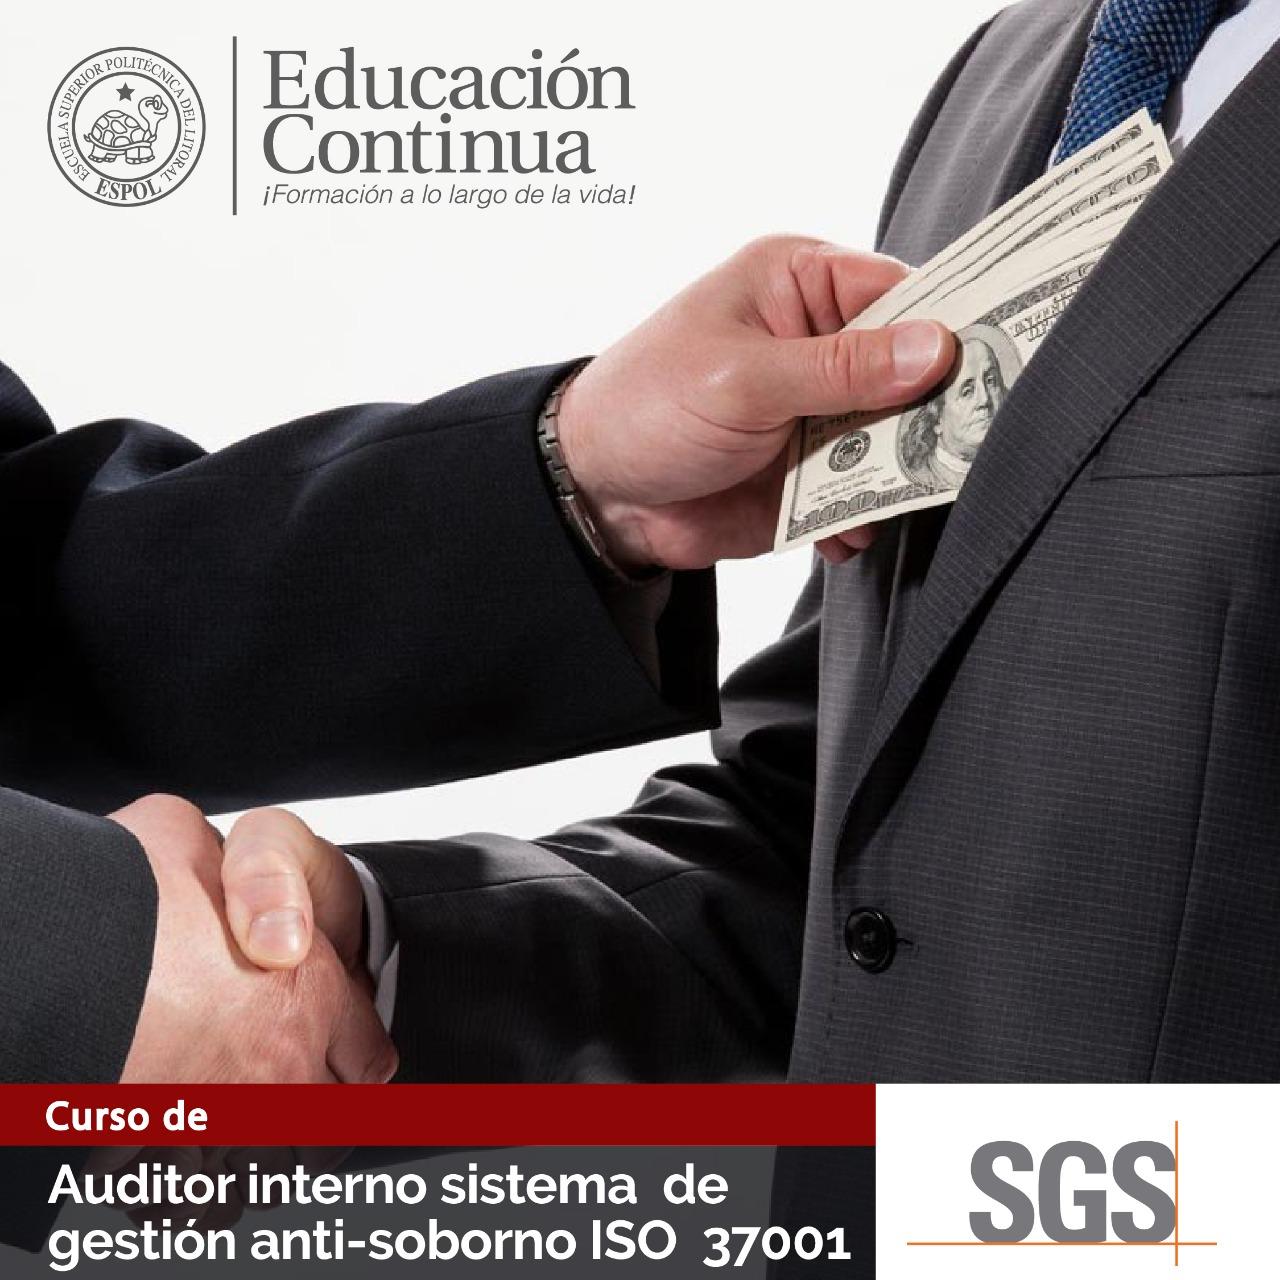 Auditor Interno 37001:2016 -  en alianza con SGS